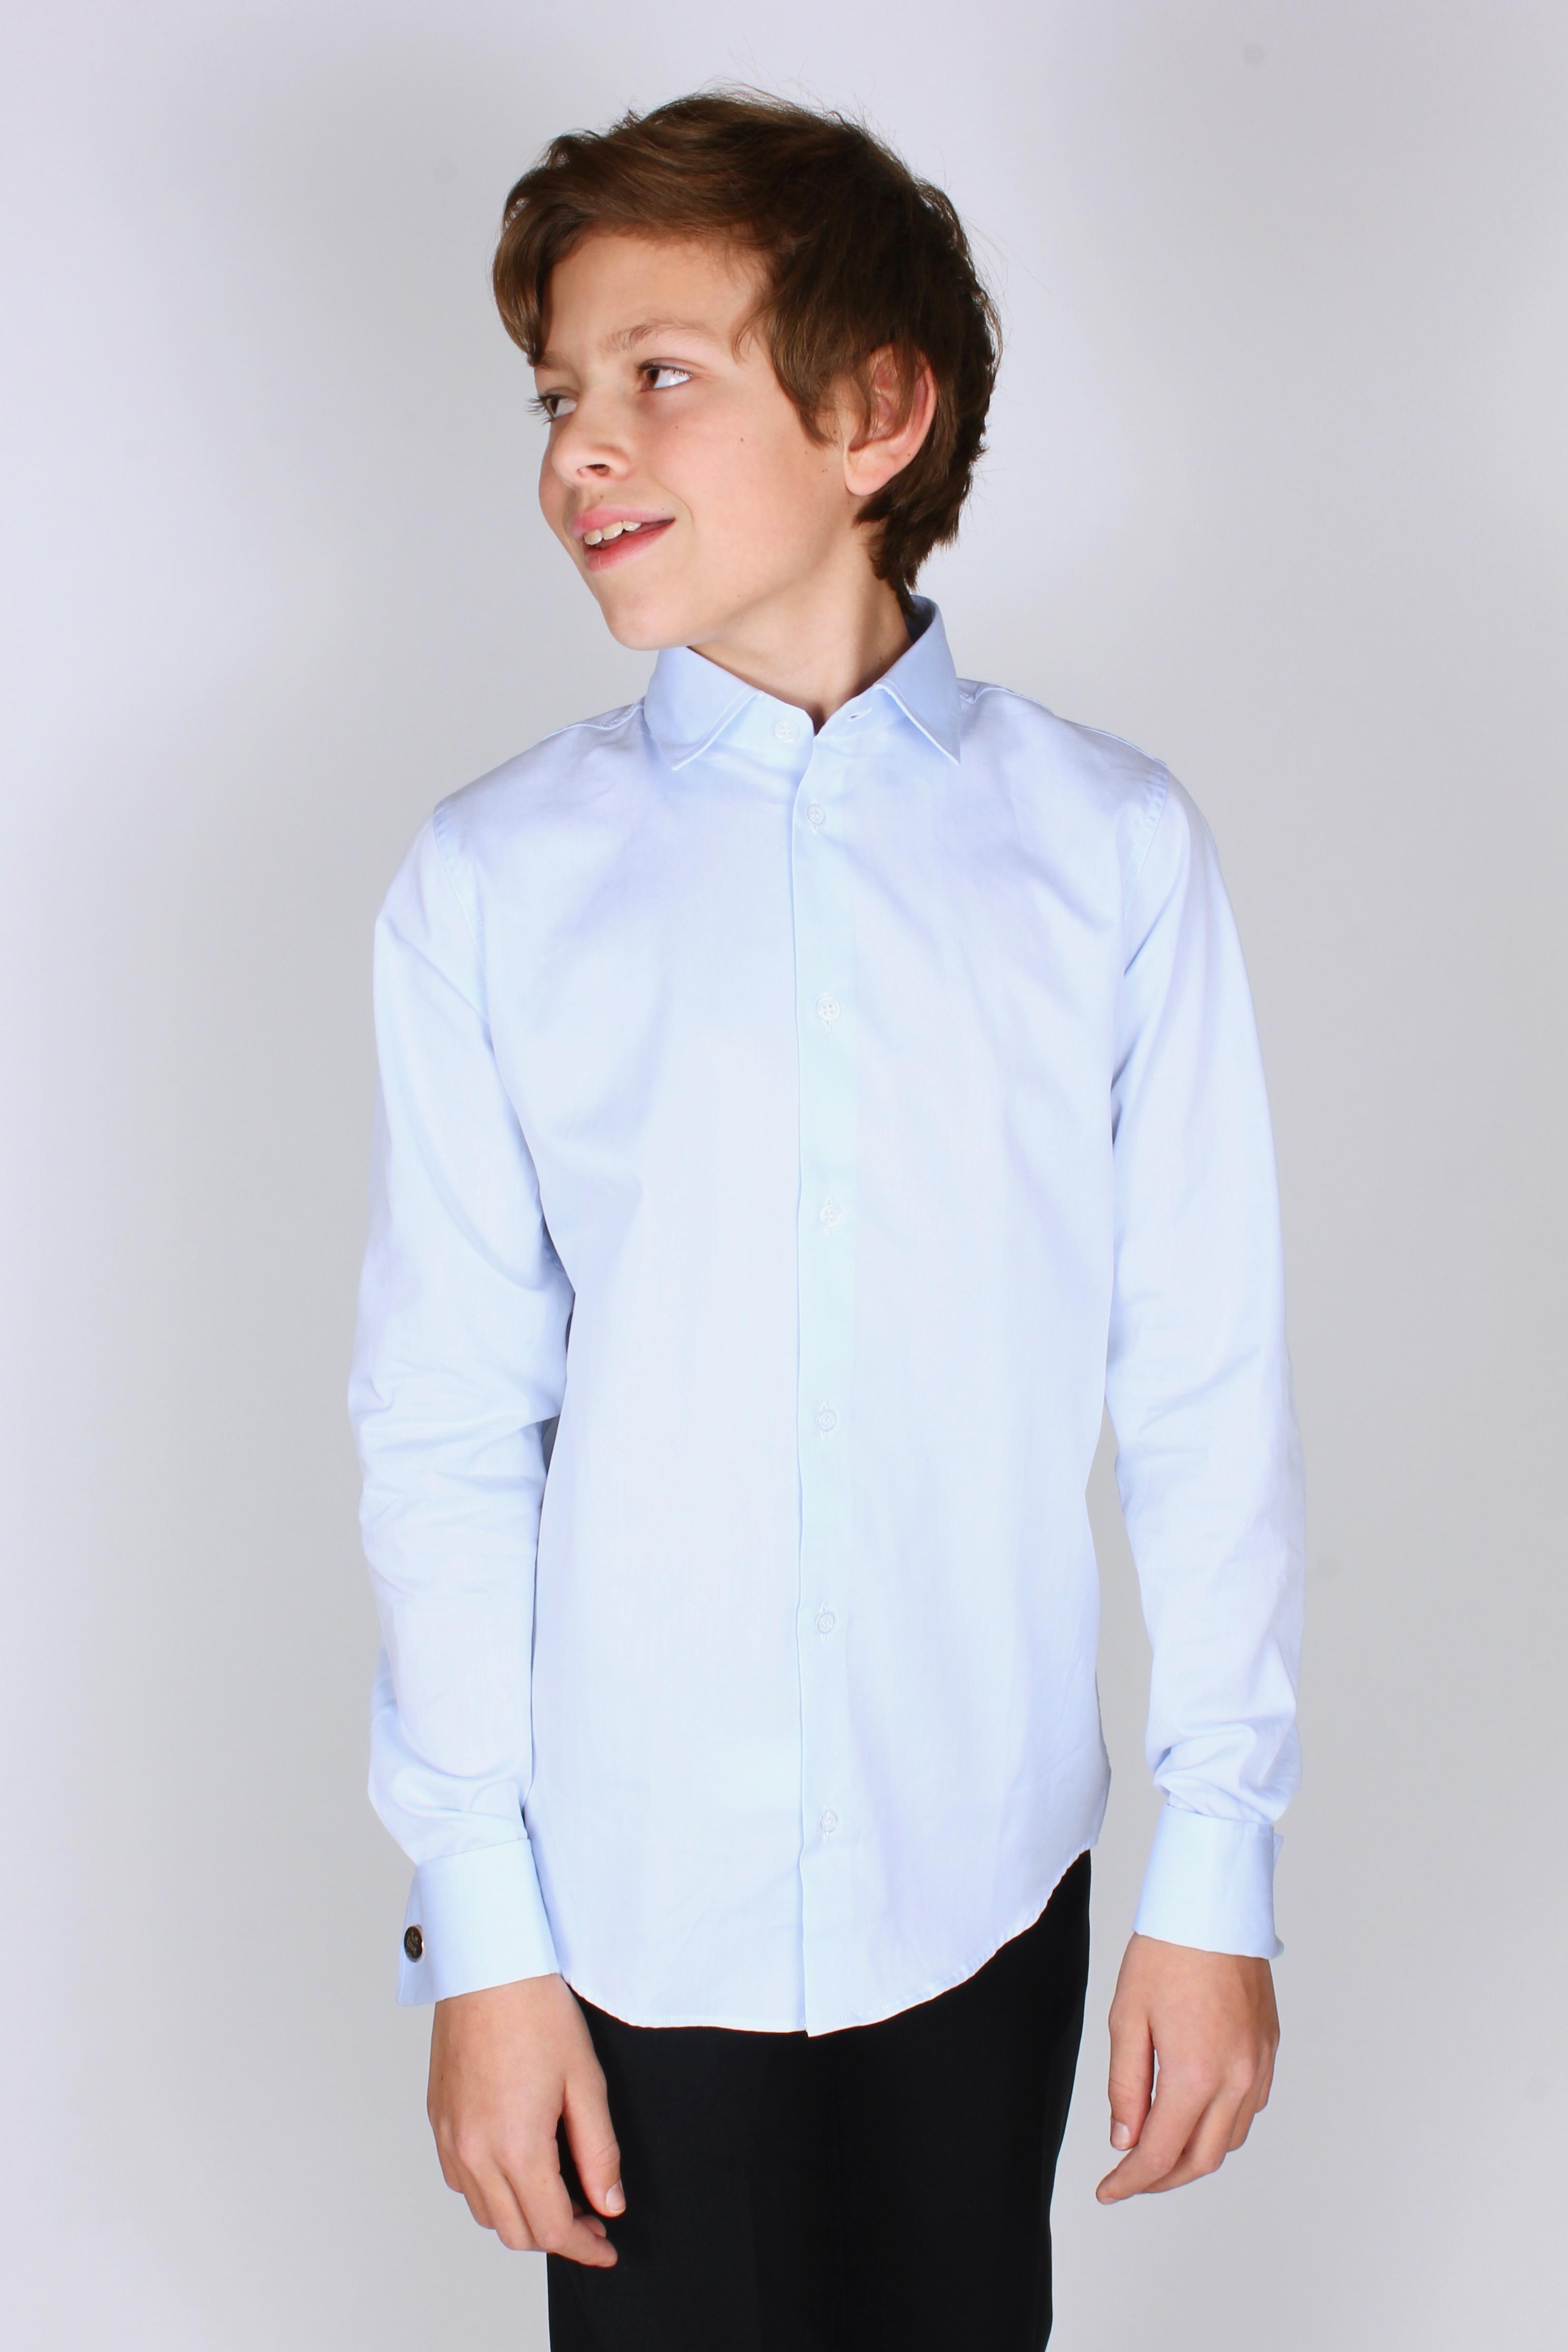 Skjorta med manschett » Barnkläder c3b6840eef370